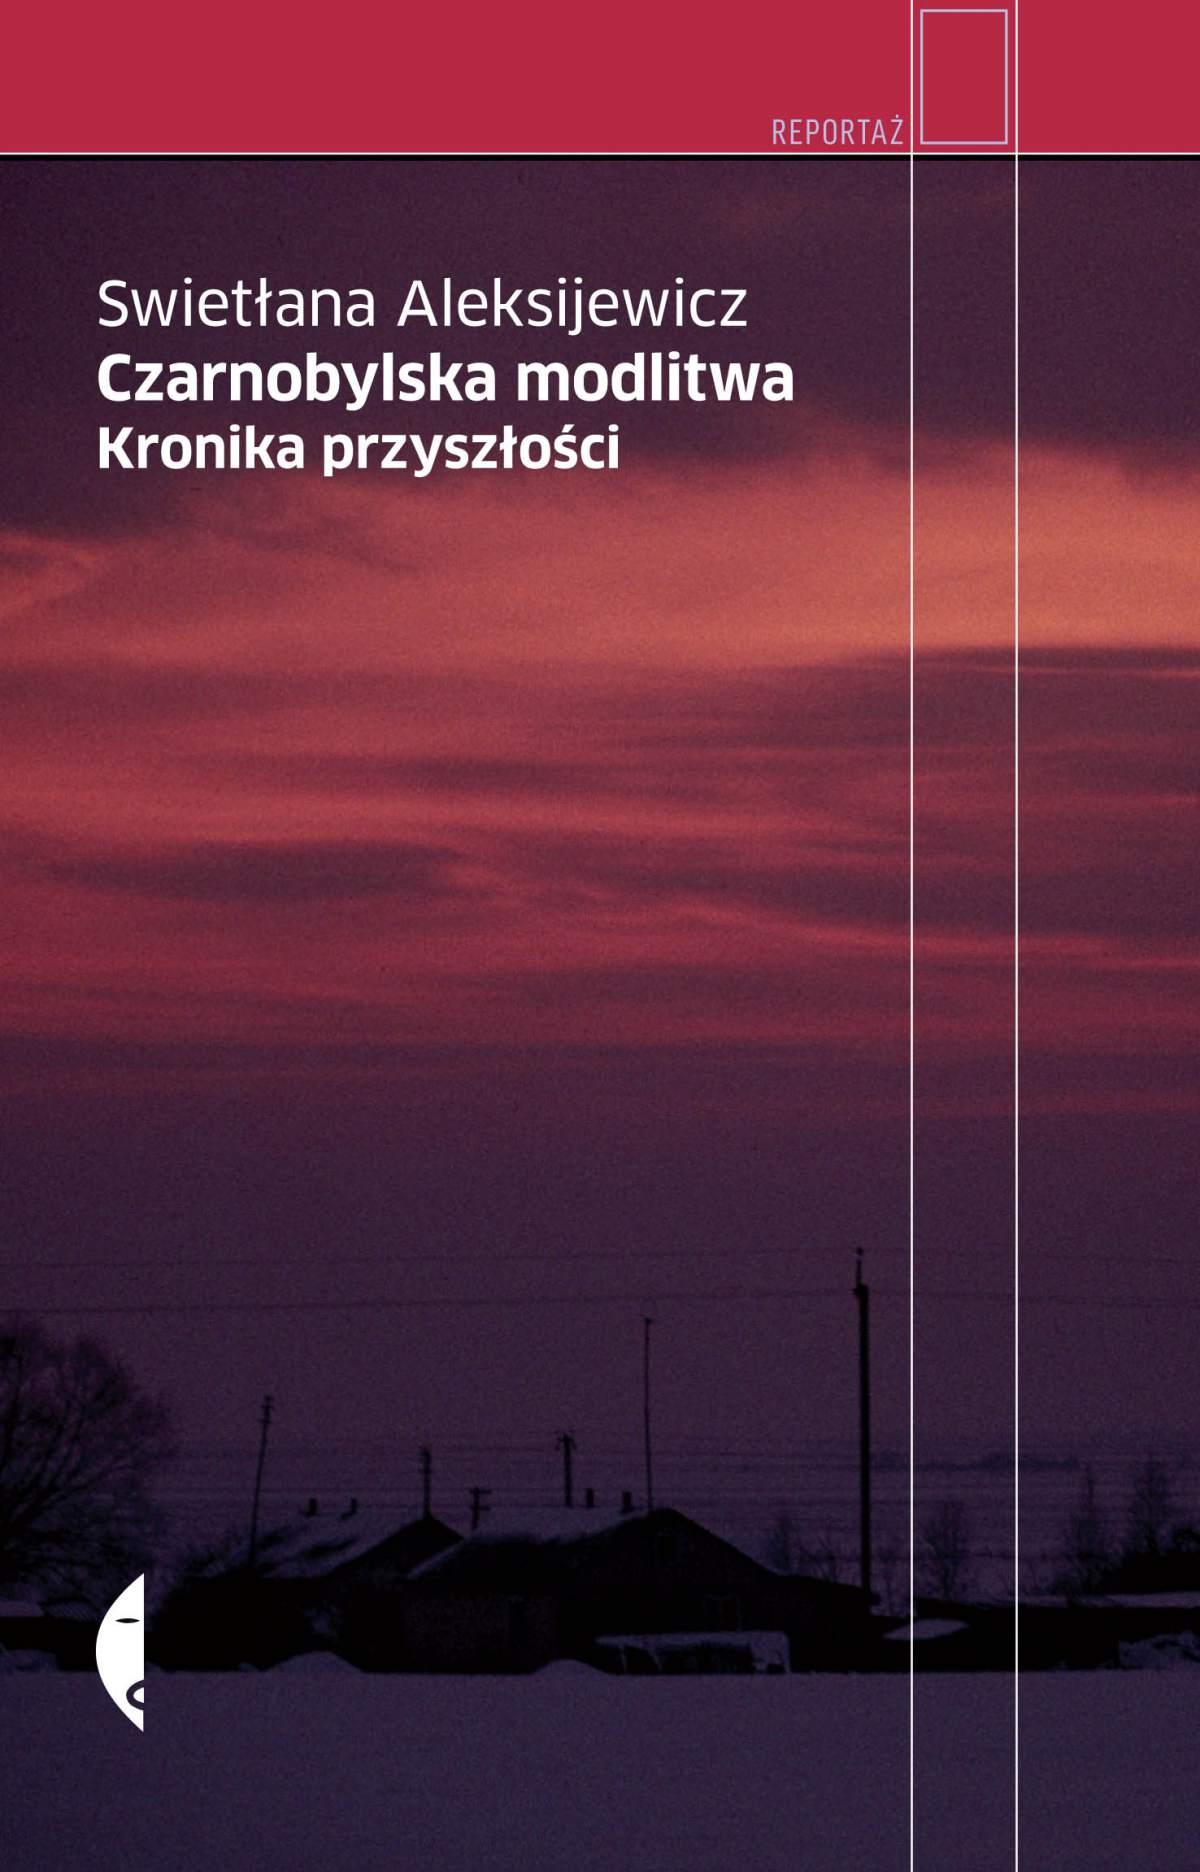 Czarnobylska modlitwa - Ebook (Książka EPUB) do pobrania w formacie EPUB